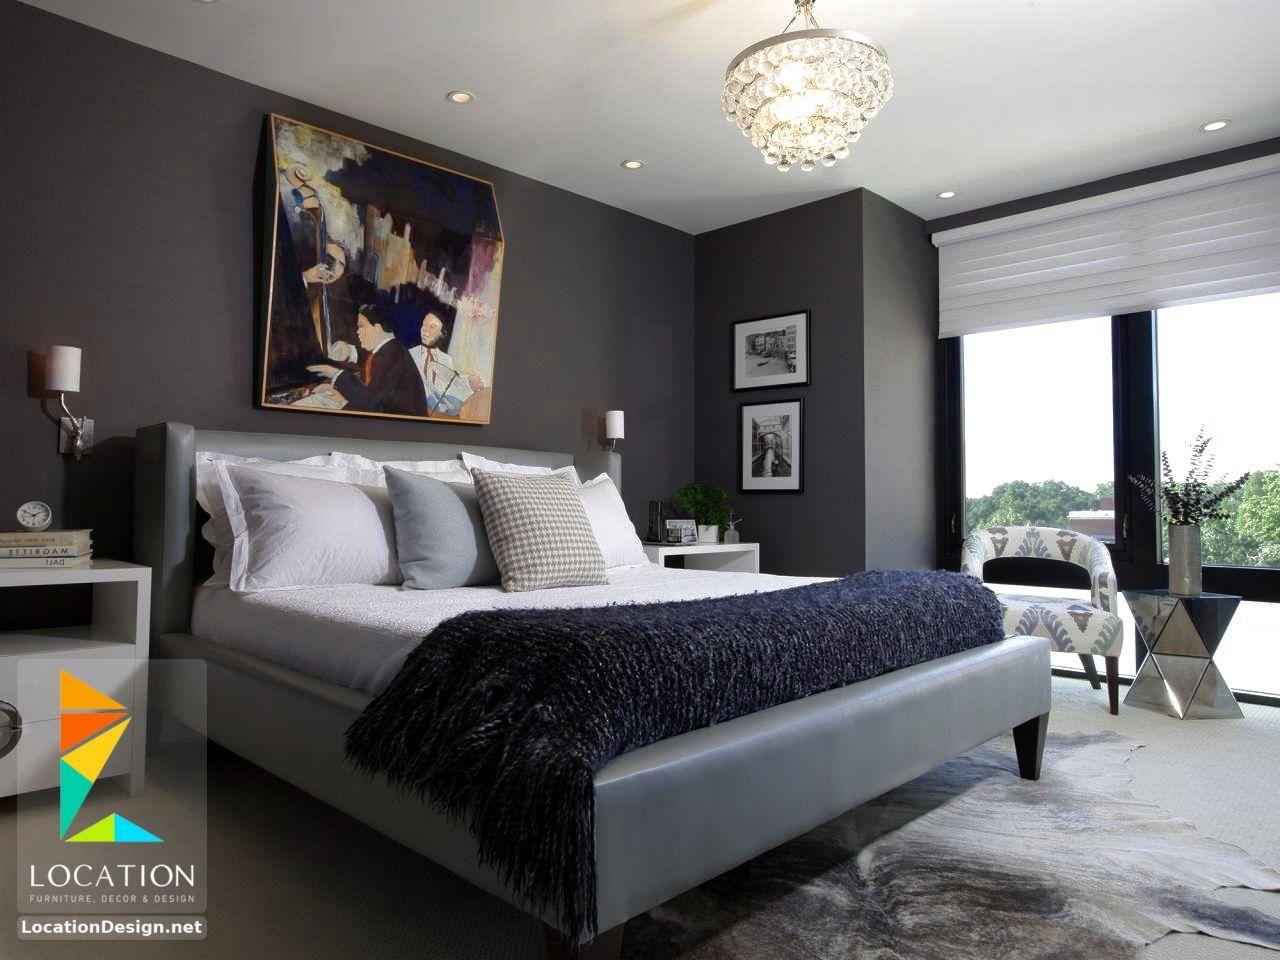 بالصور الوان غرف النوم , احدث الديكورات لغرفة النوم للعرايس 2557 3